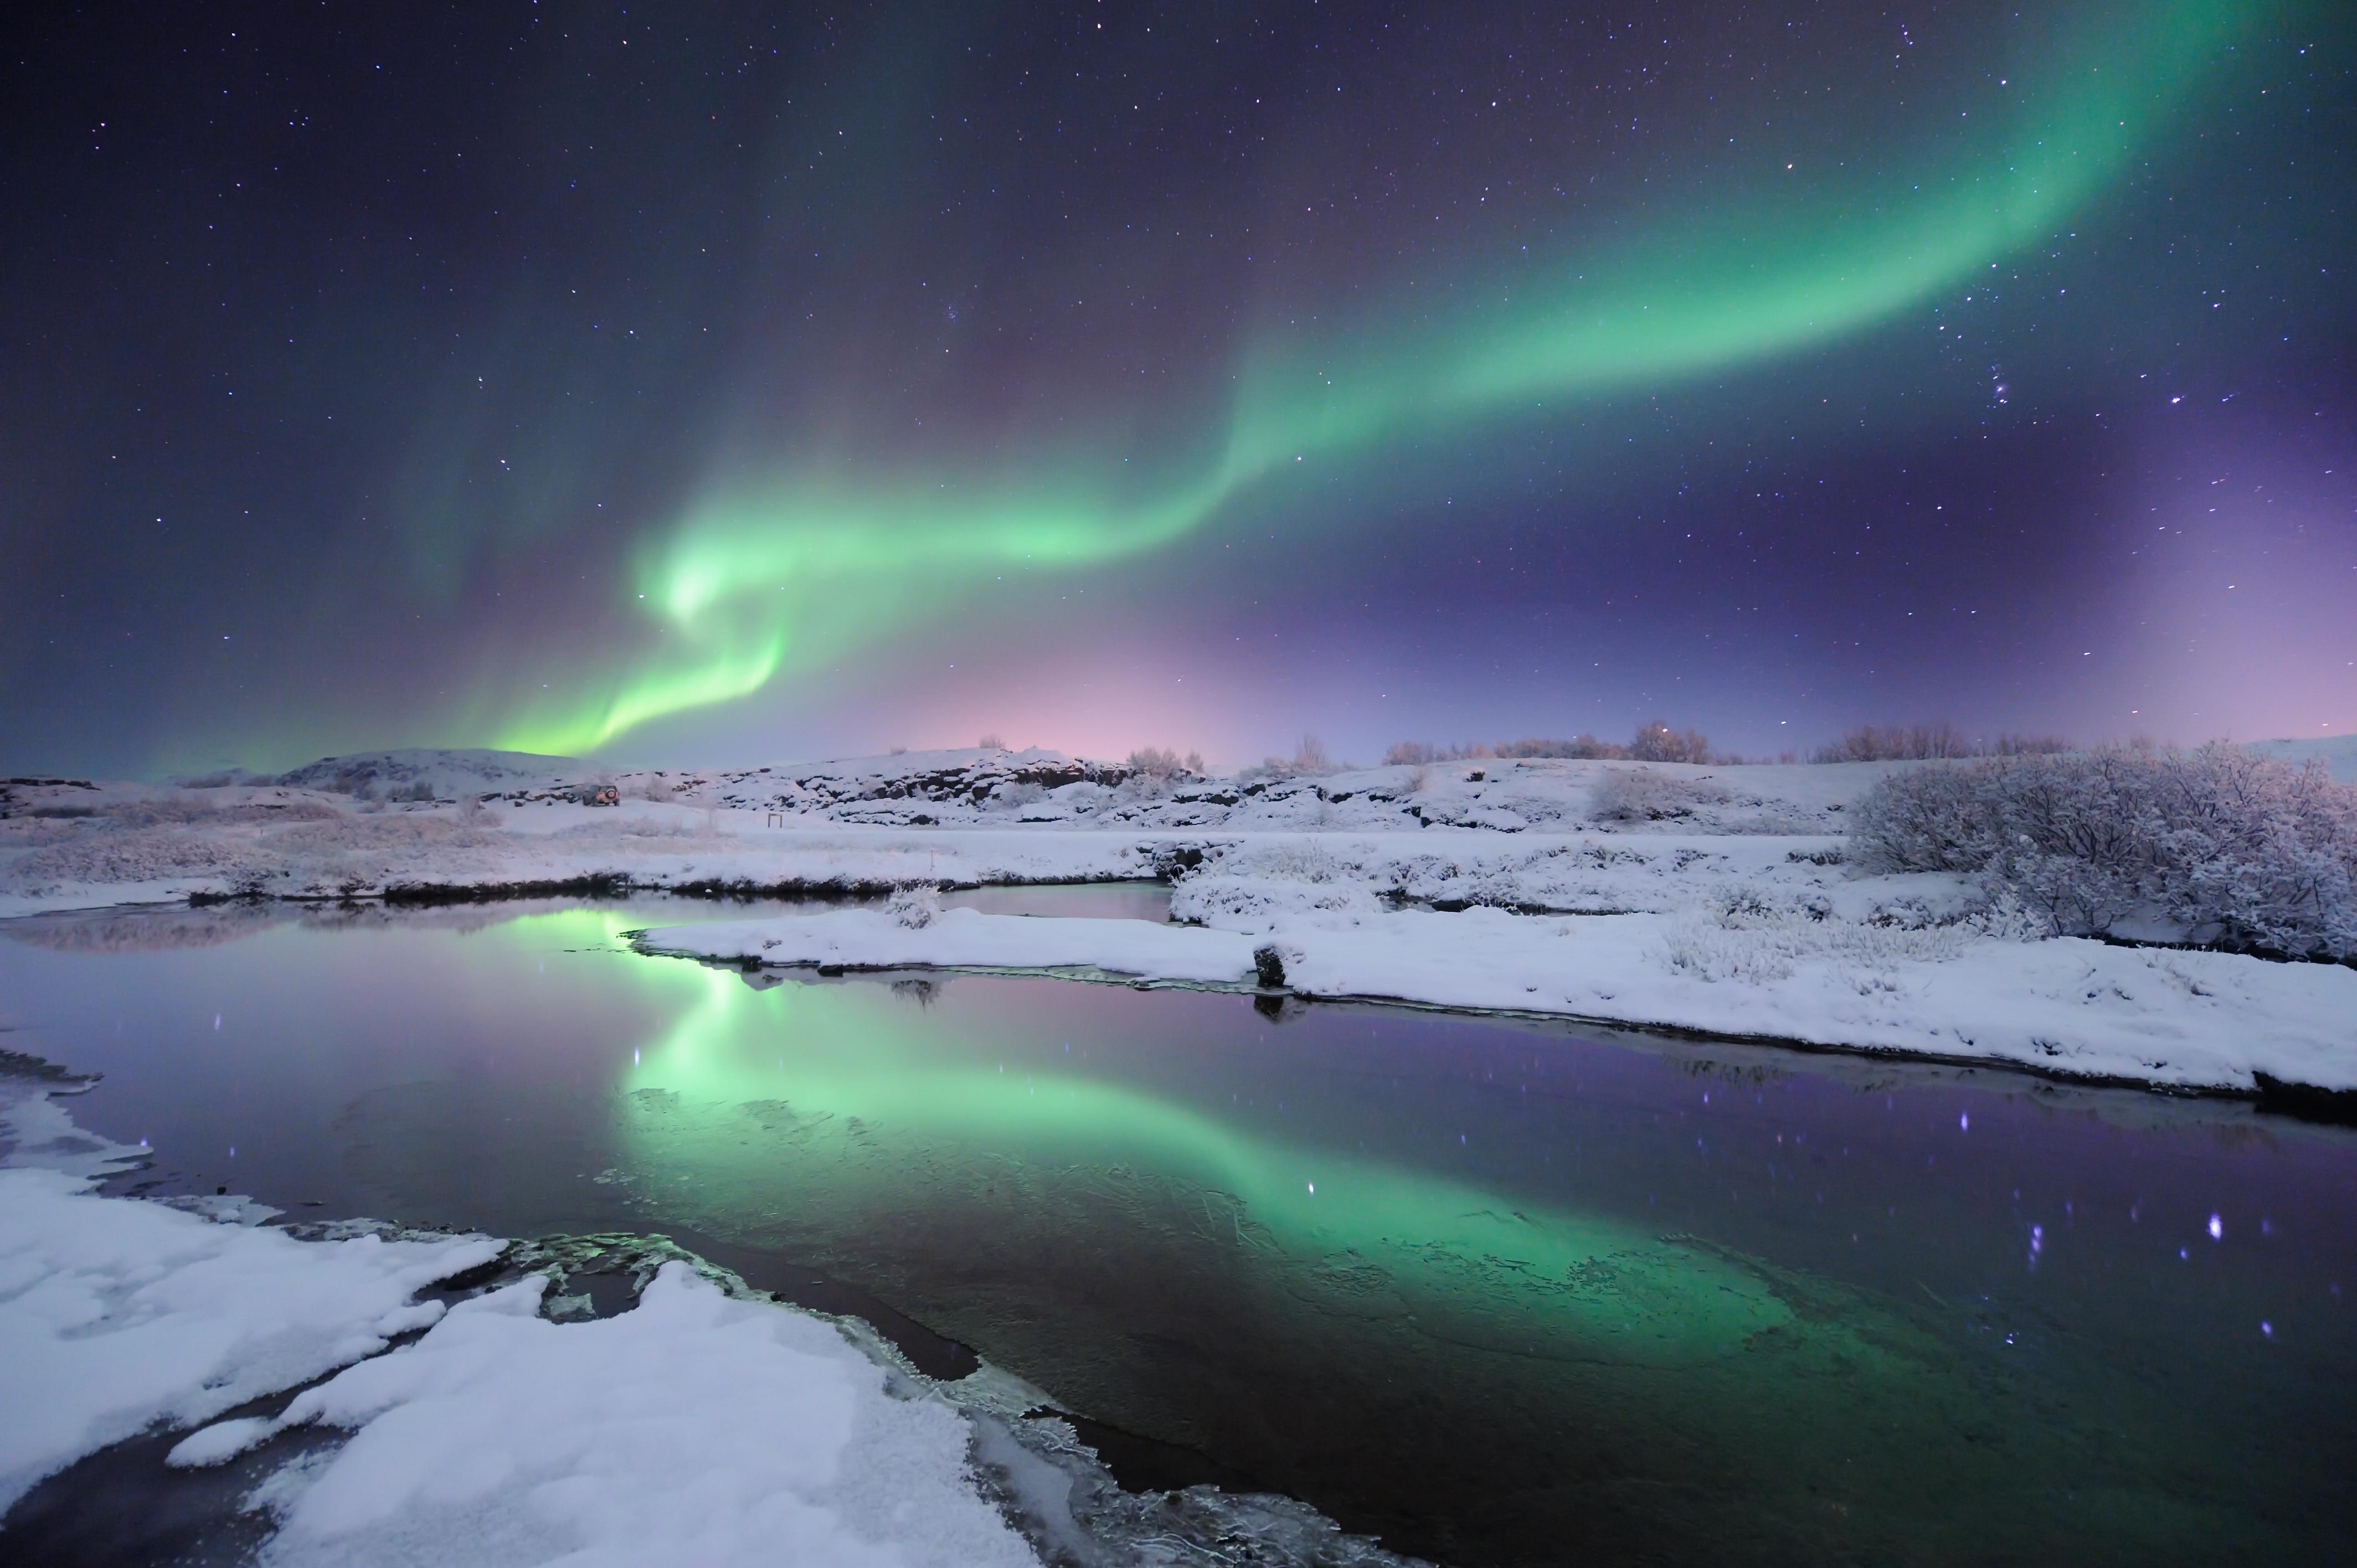 La aurora boreal sobre un paisaje nevado